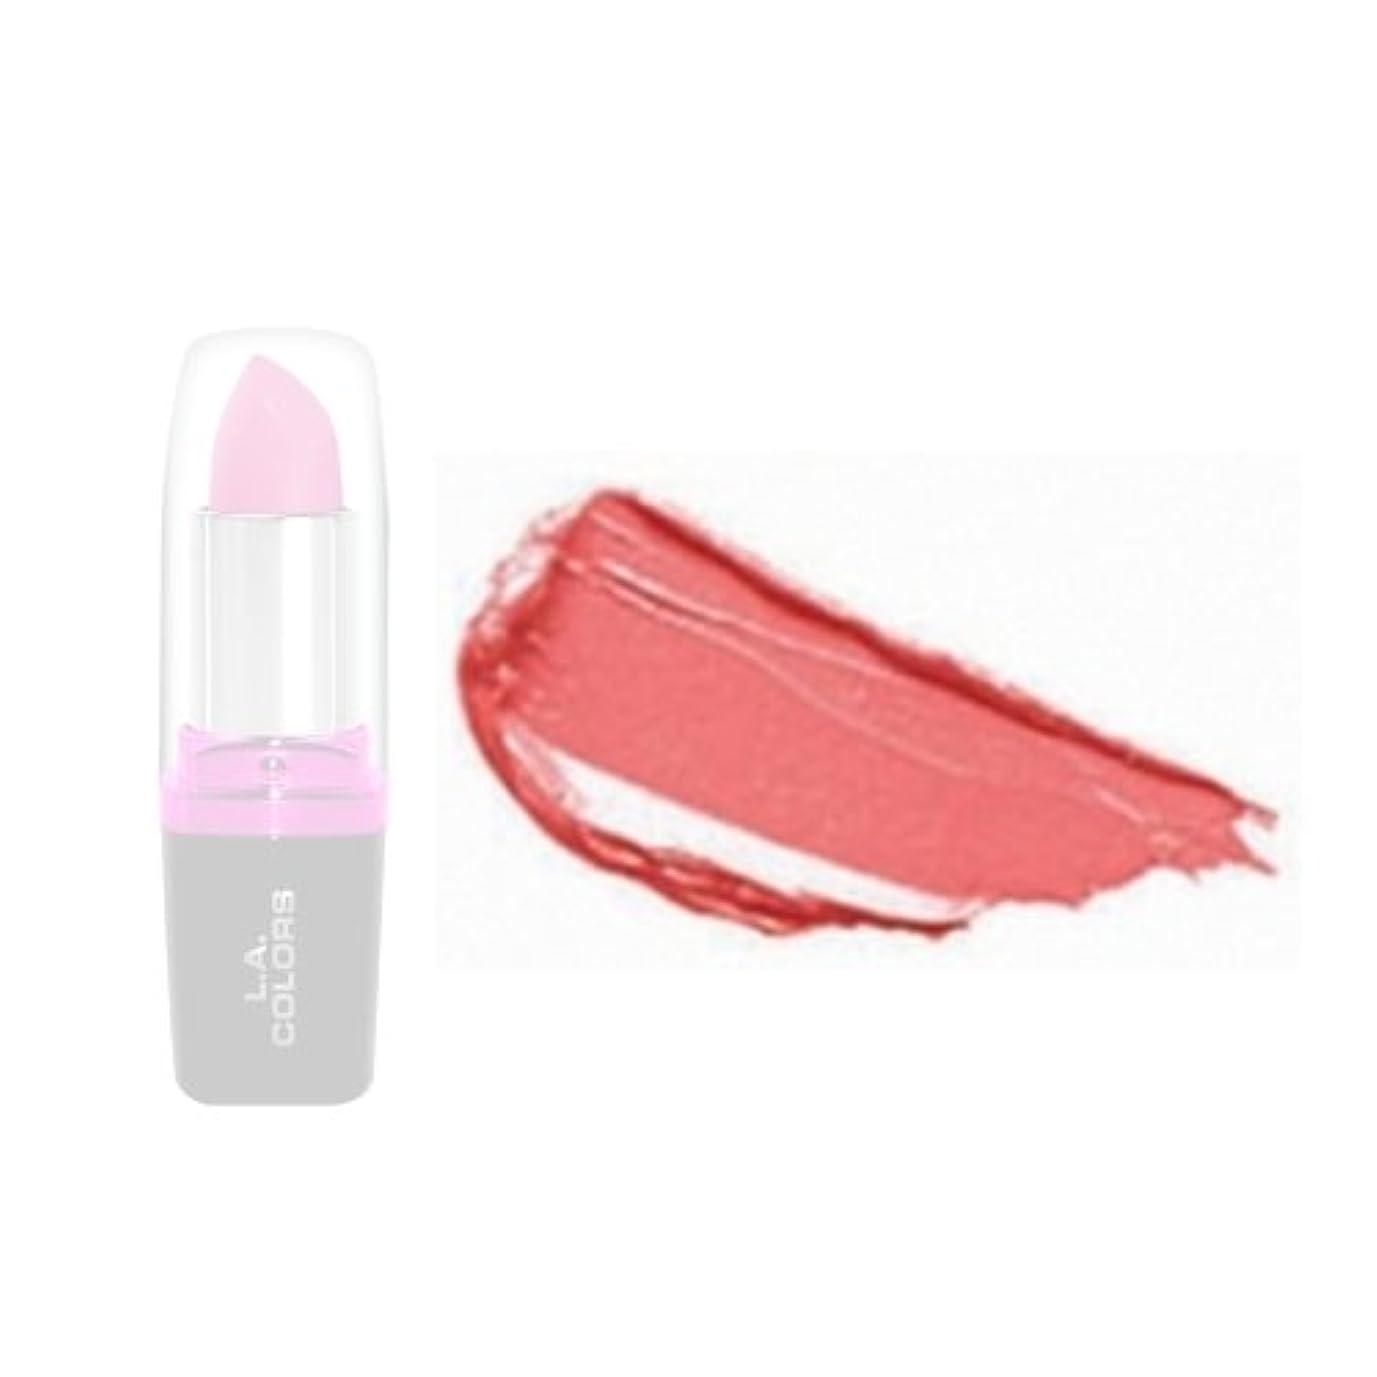 誘う賠償失われたLA Colors Hydrating Lipstick - Dainty (並行輸入品)